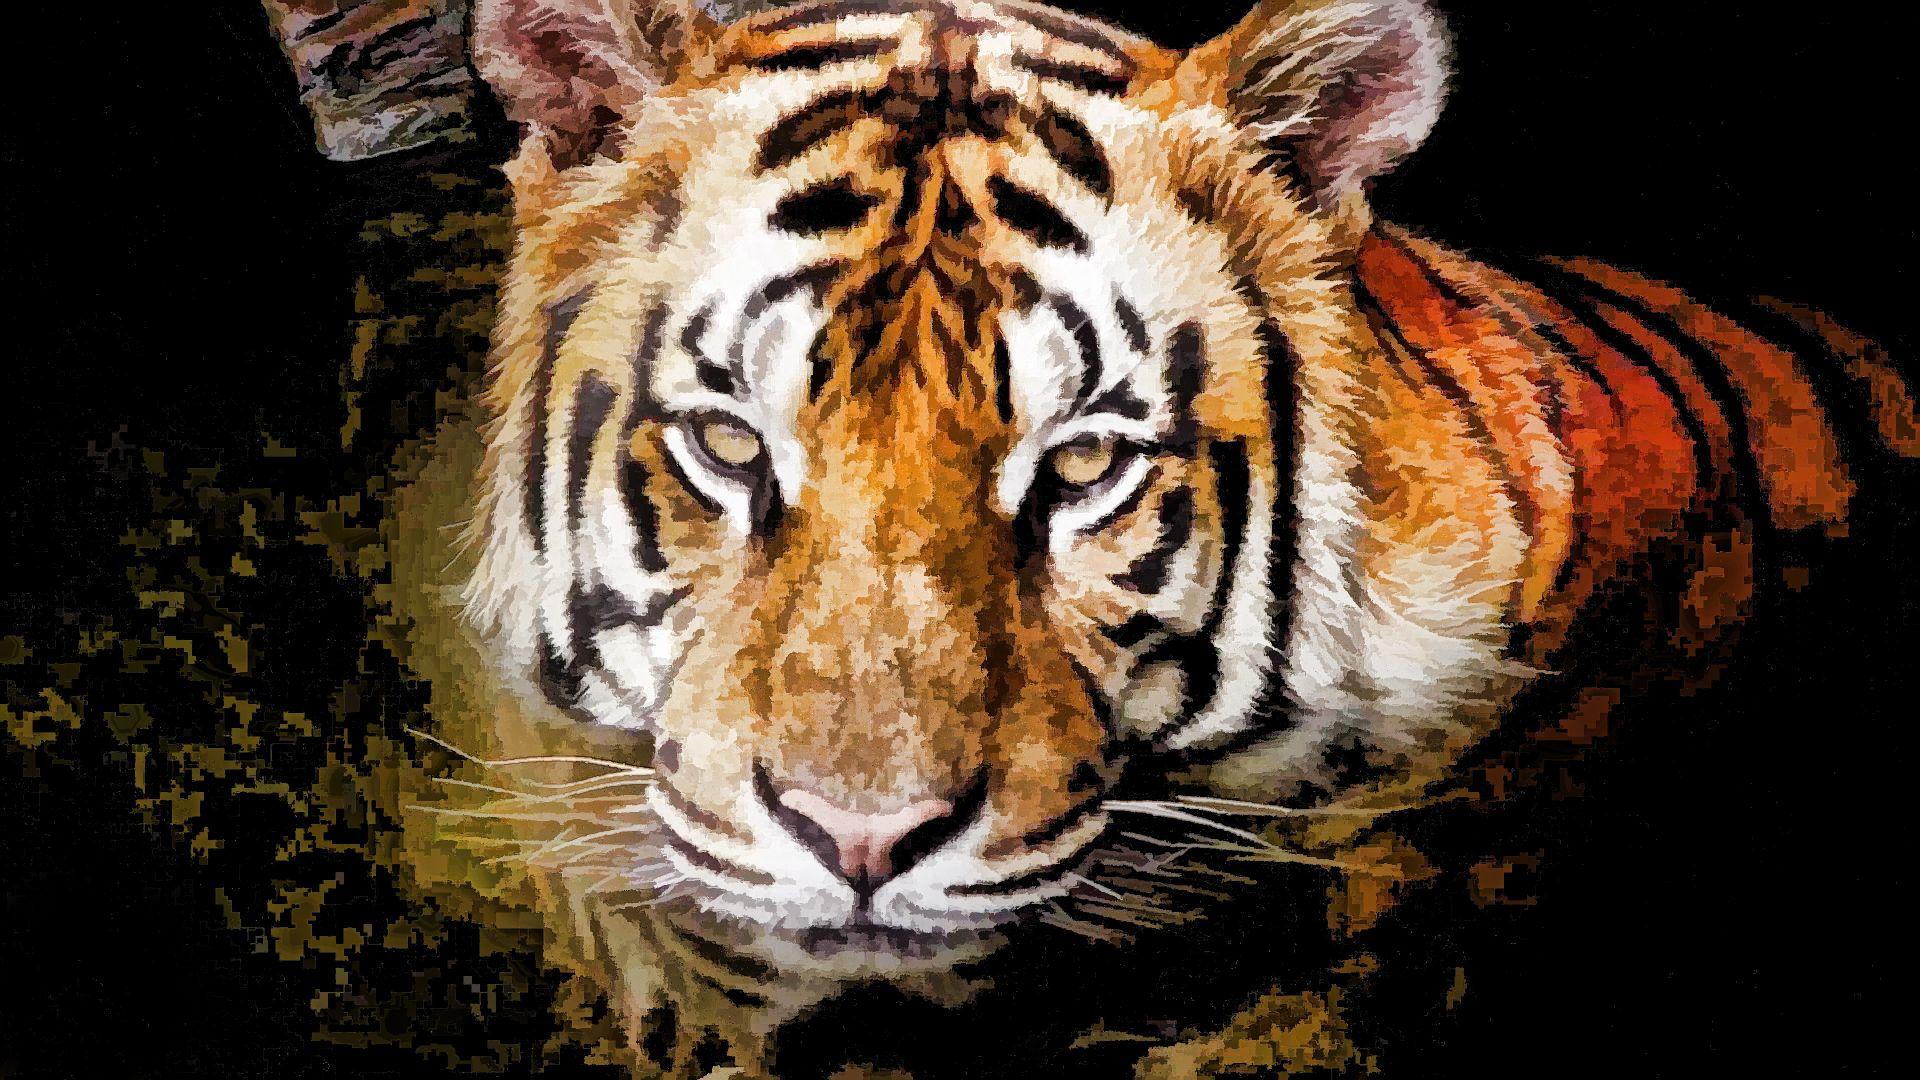 Tiger Art, Nice Wallpaper